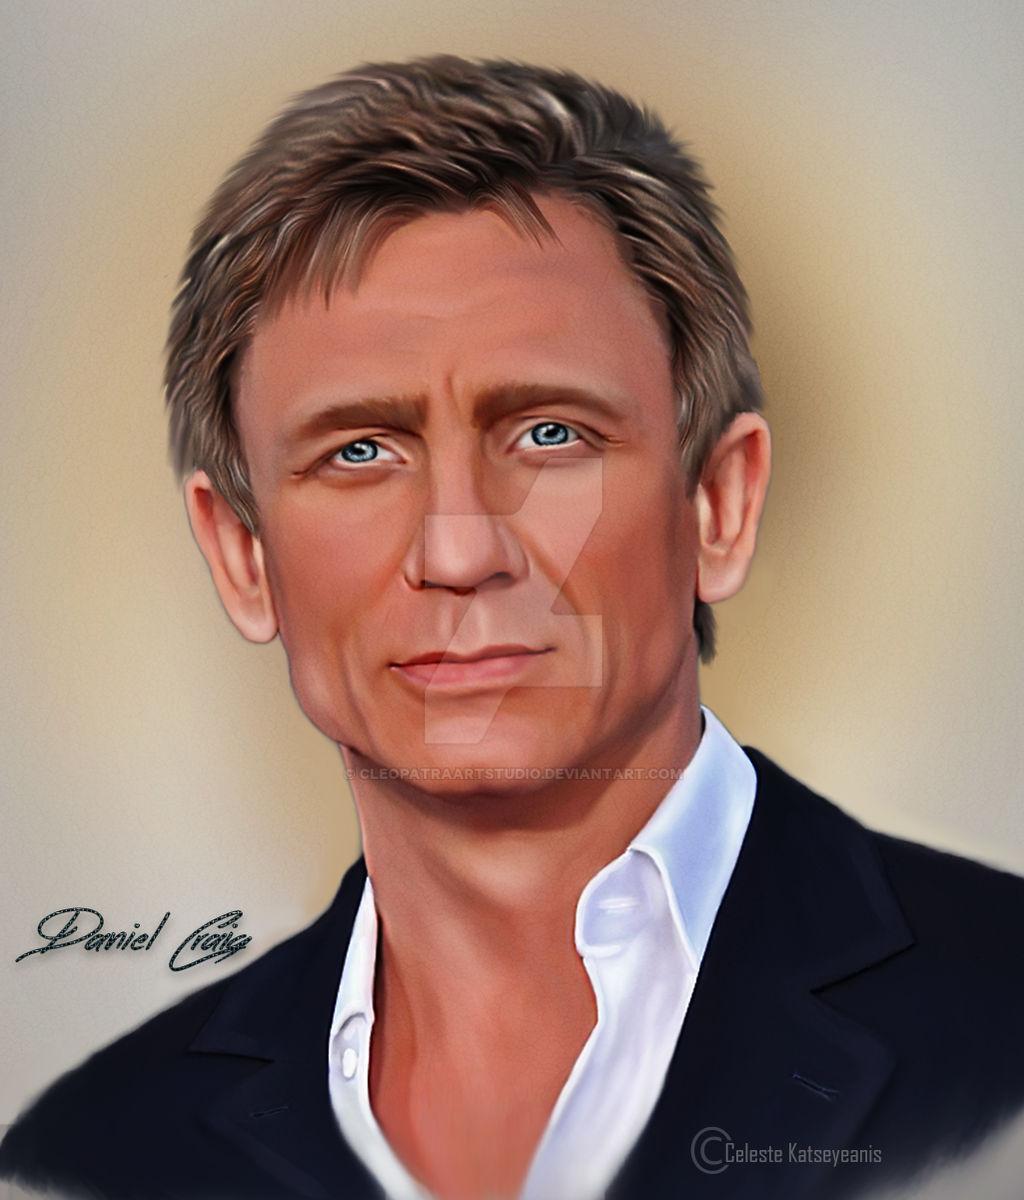 Daniel Craig by Celeste